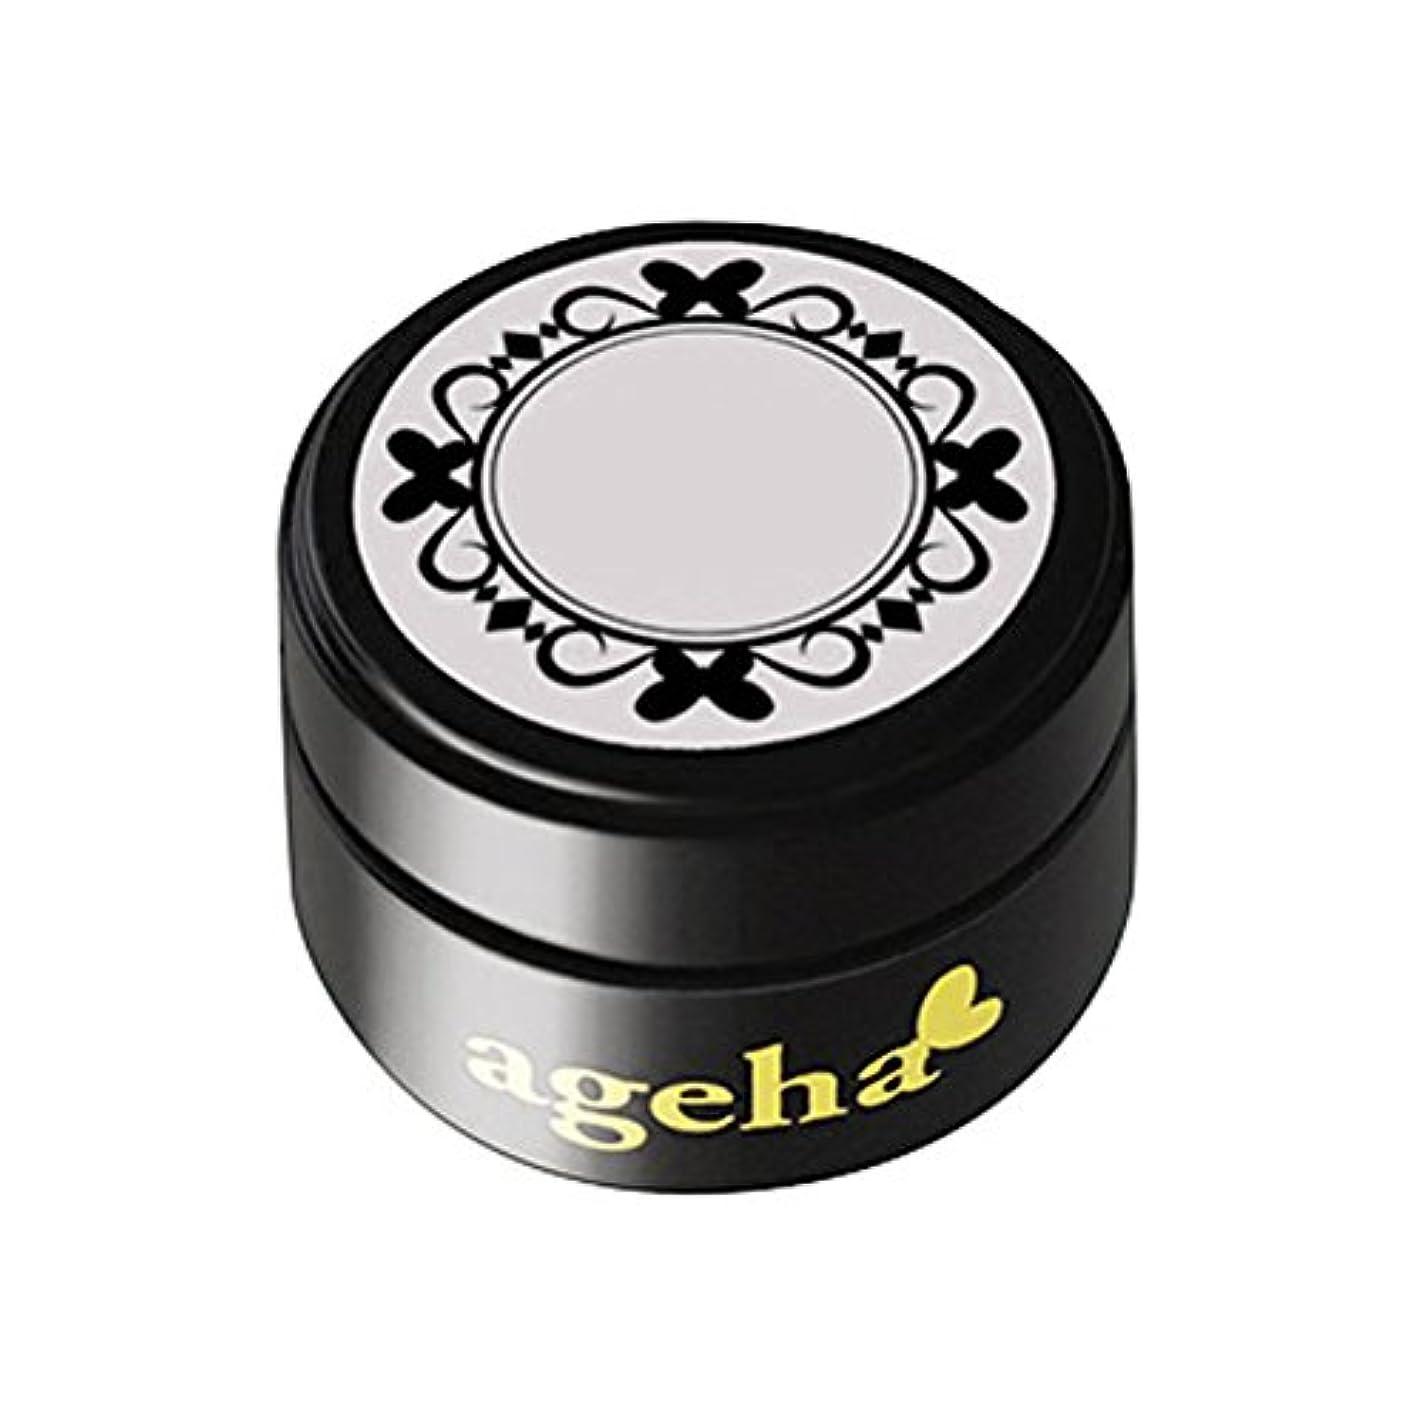 代替主観的謙虚なageha gel カラージェル コスメカラー 400 ホワイトスノー 2.7g UV/LED対応